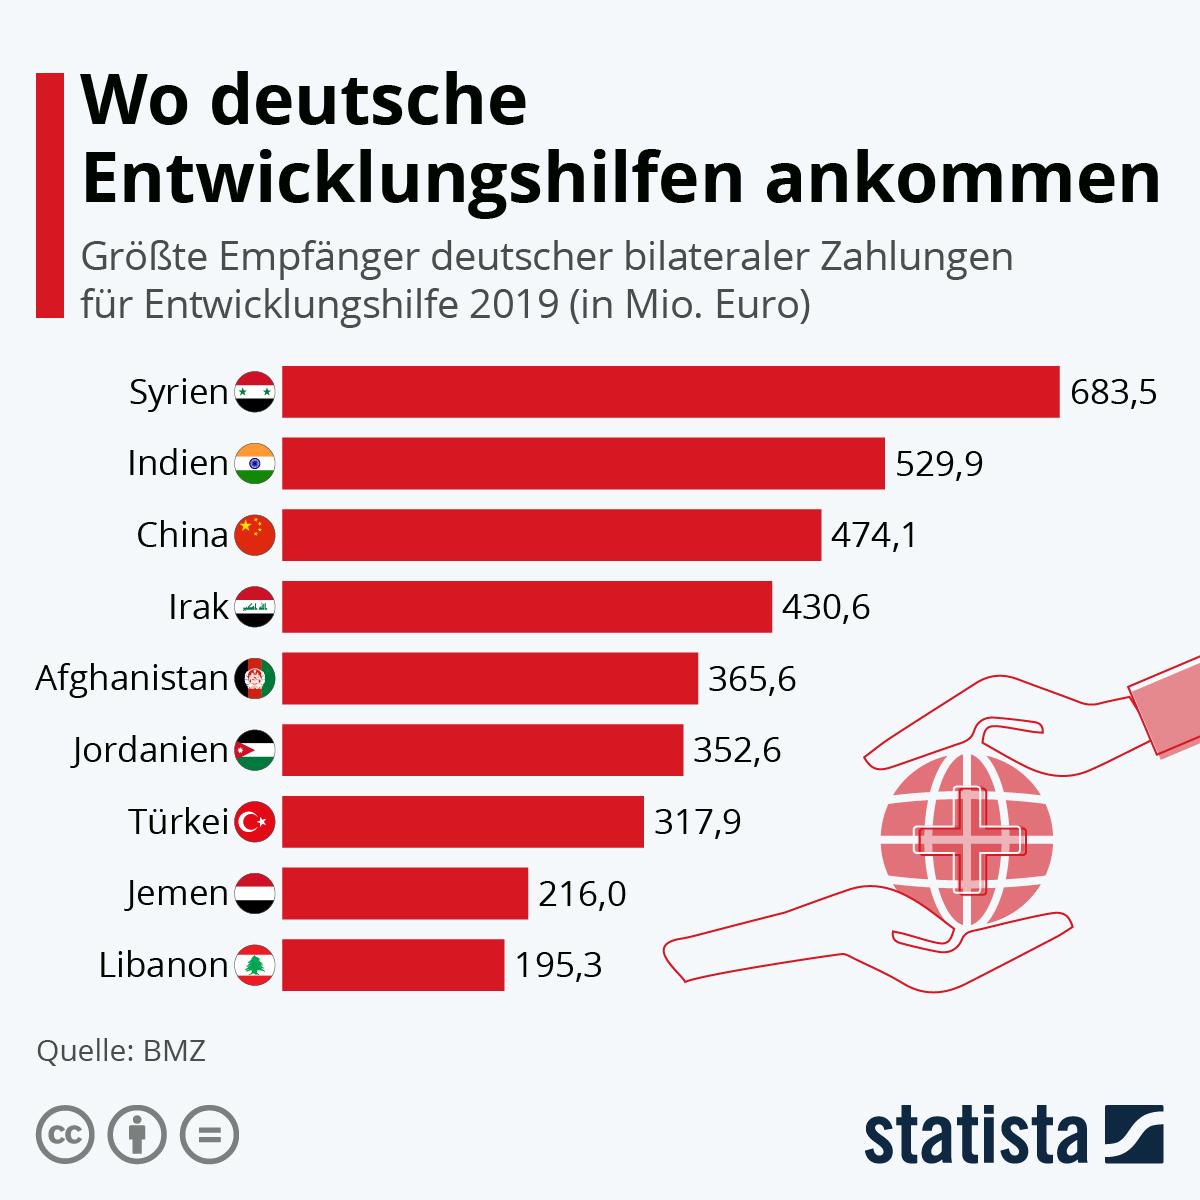 Infografik: Wo deutsche Entwicklungshilfen ankommen   Statista